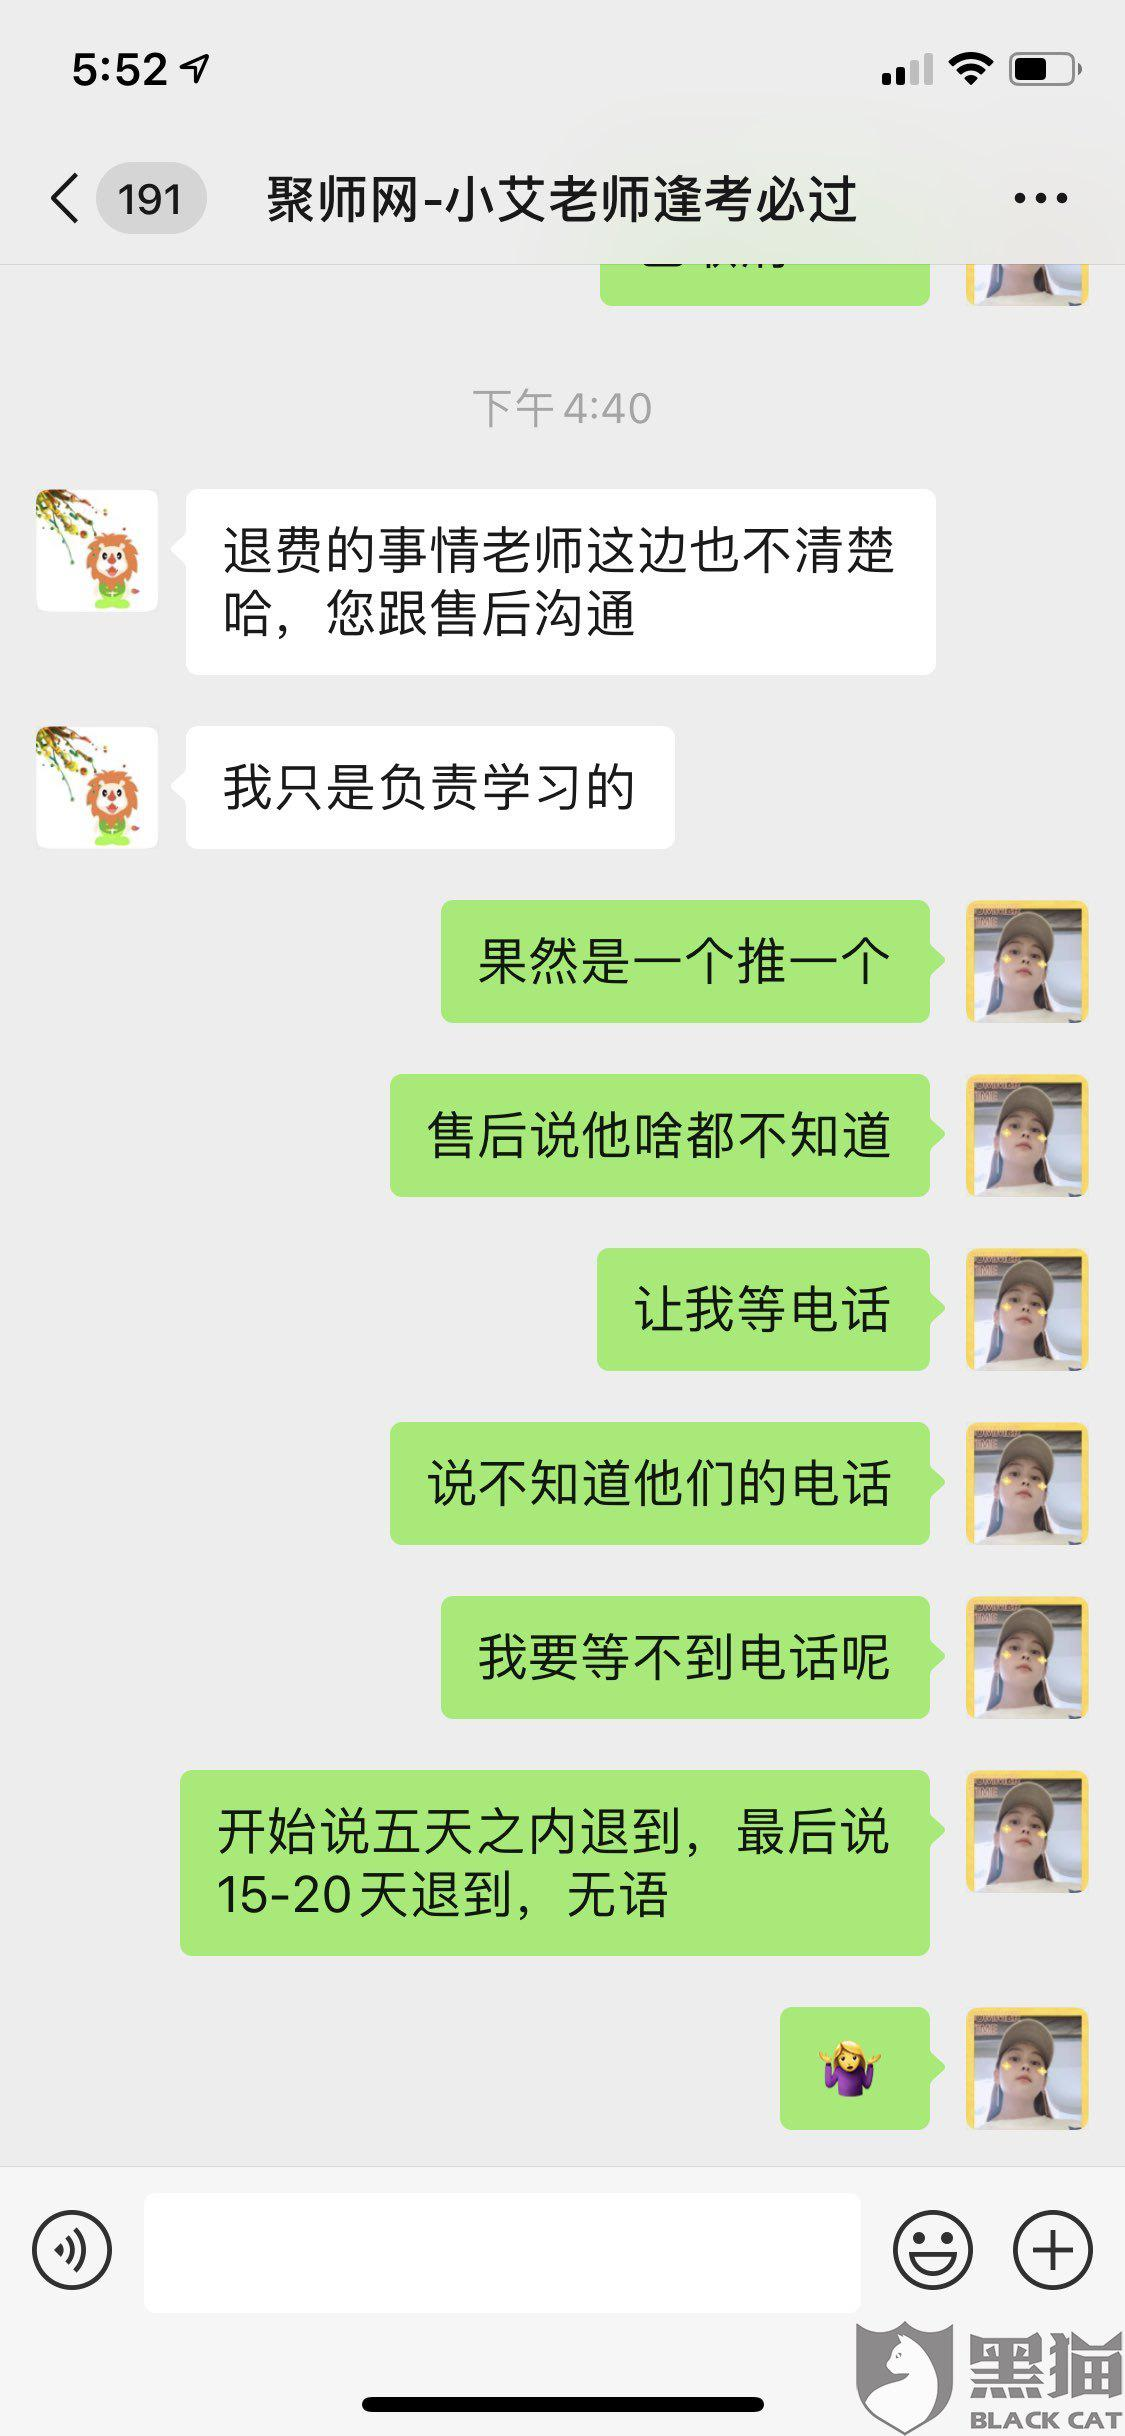 黑猫投诉:本人9月份在北京聚师网教育机构购买了3500的教师资格证培训班,现在要退款没人理